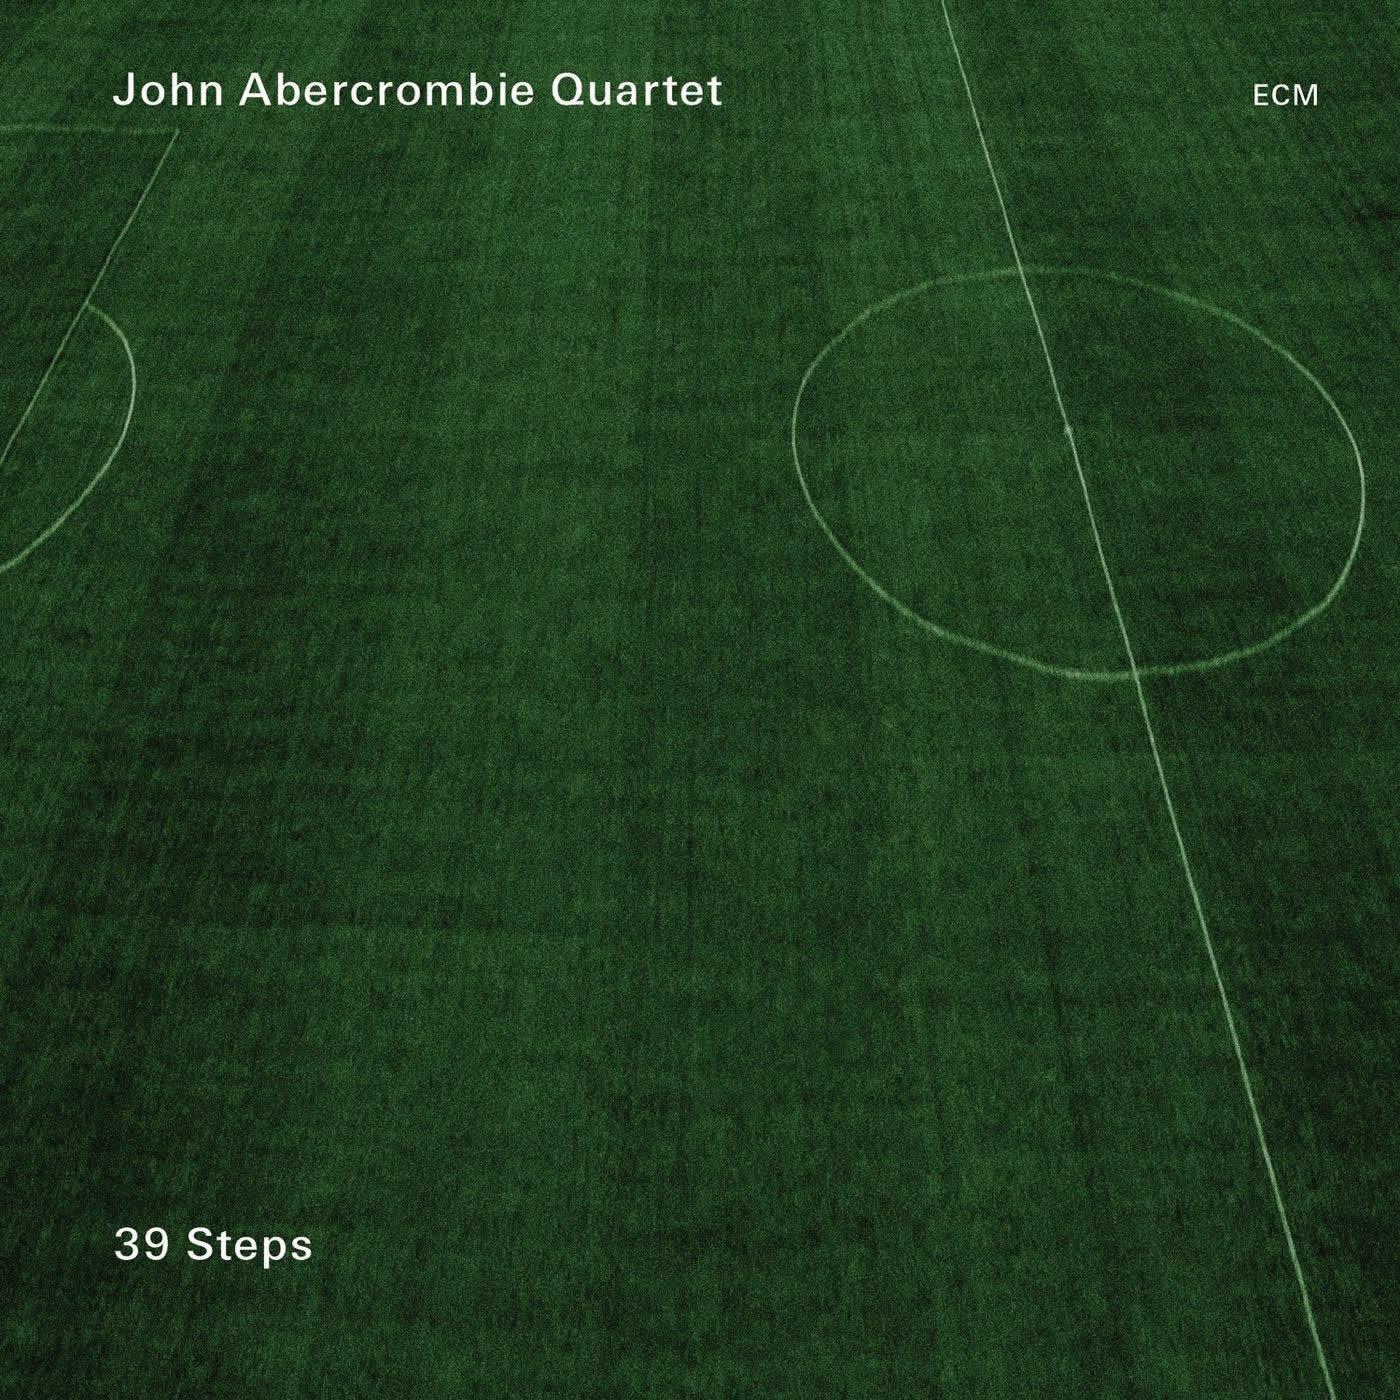 COMPLETO: John Abercrombie Quartet - 39 Steps